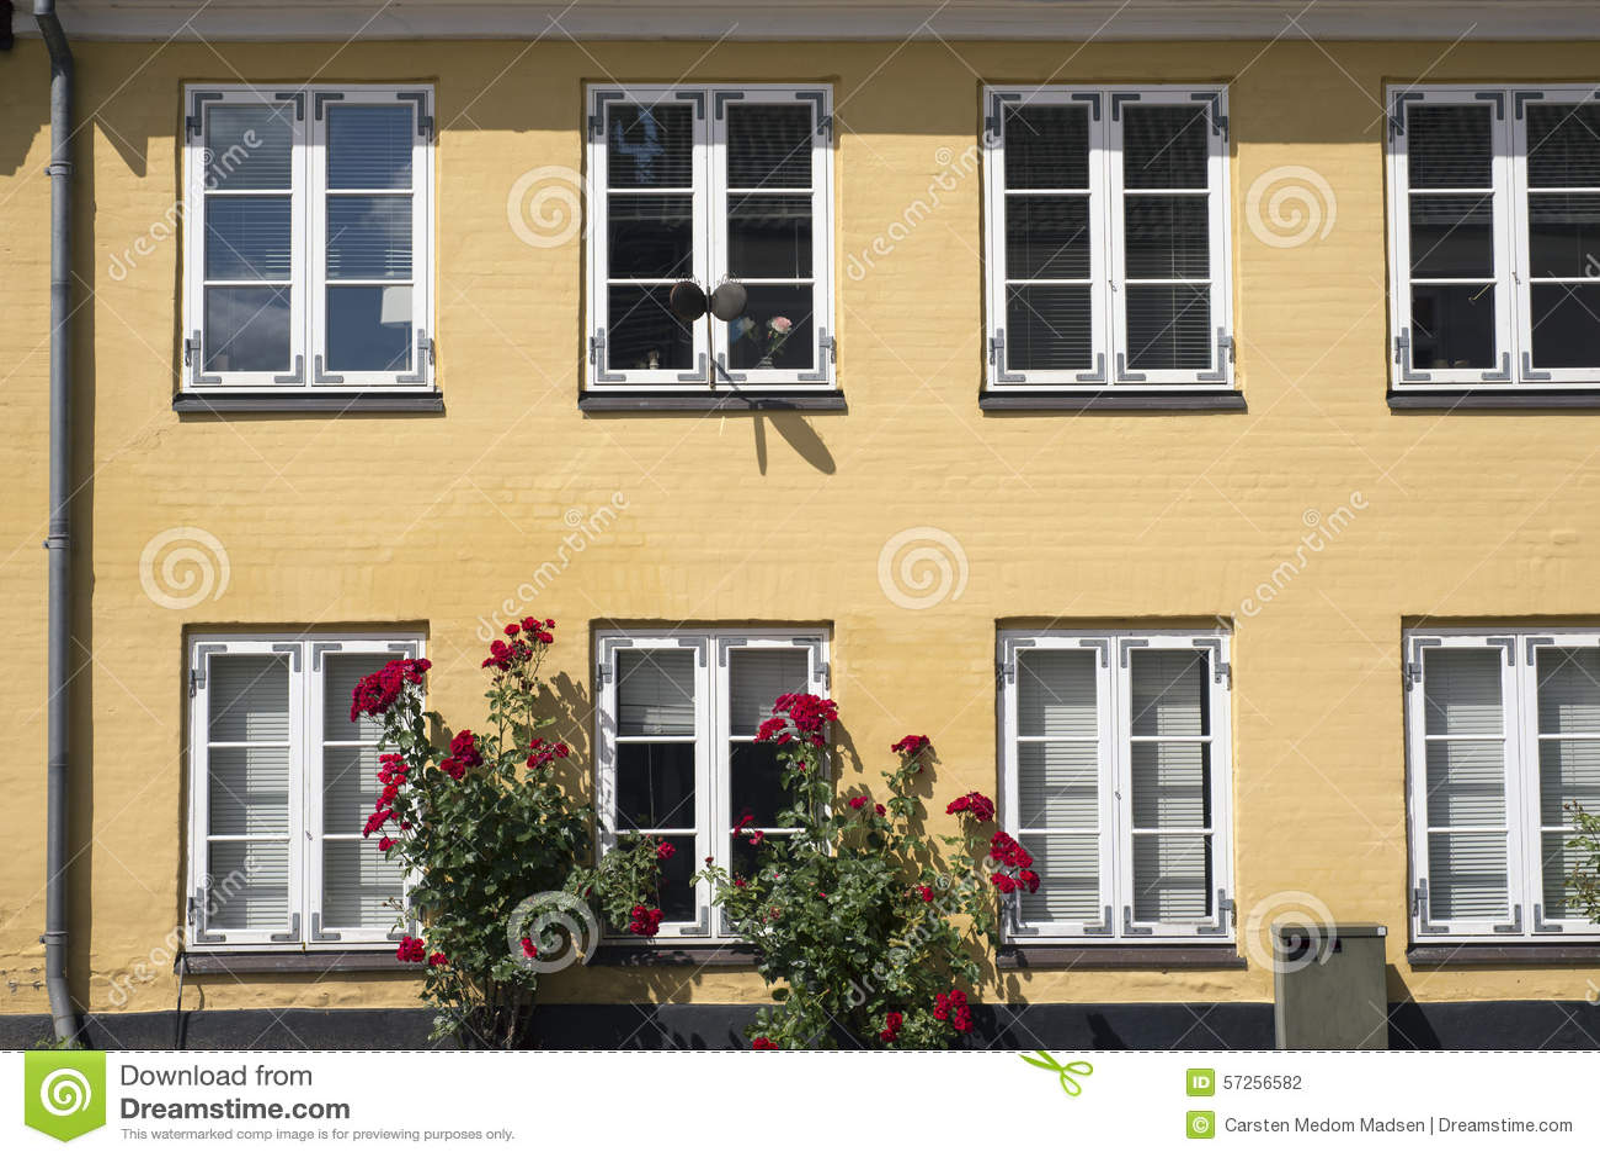 Turbo Gelbe Fassade stockfoto. Bild von dänemark, häuschen - 57256582 ZY35